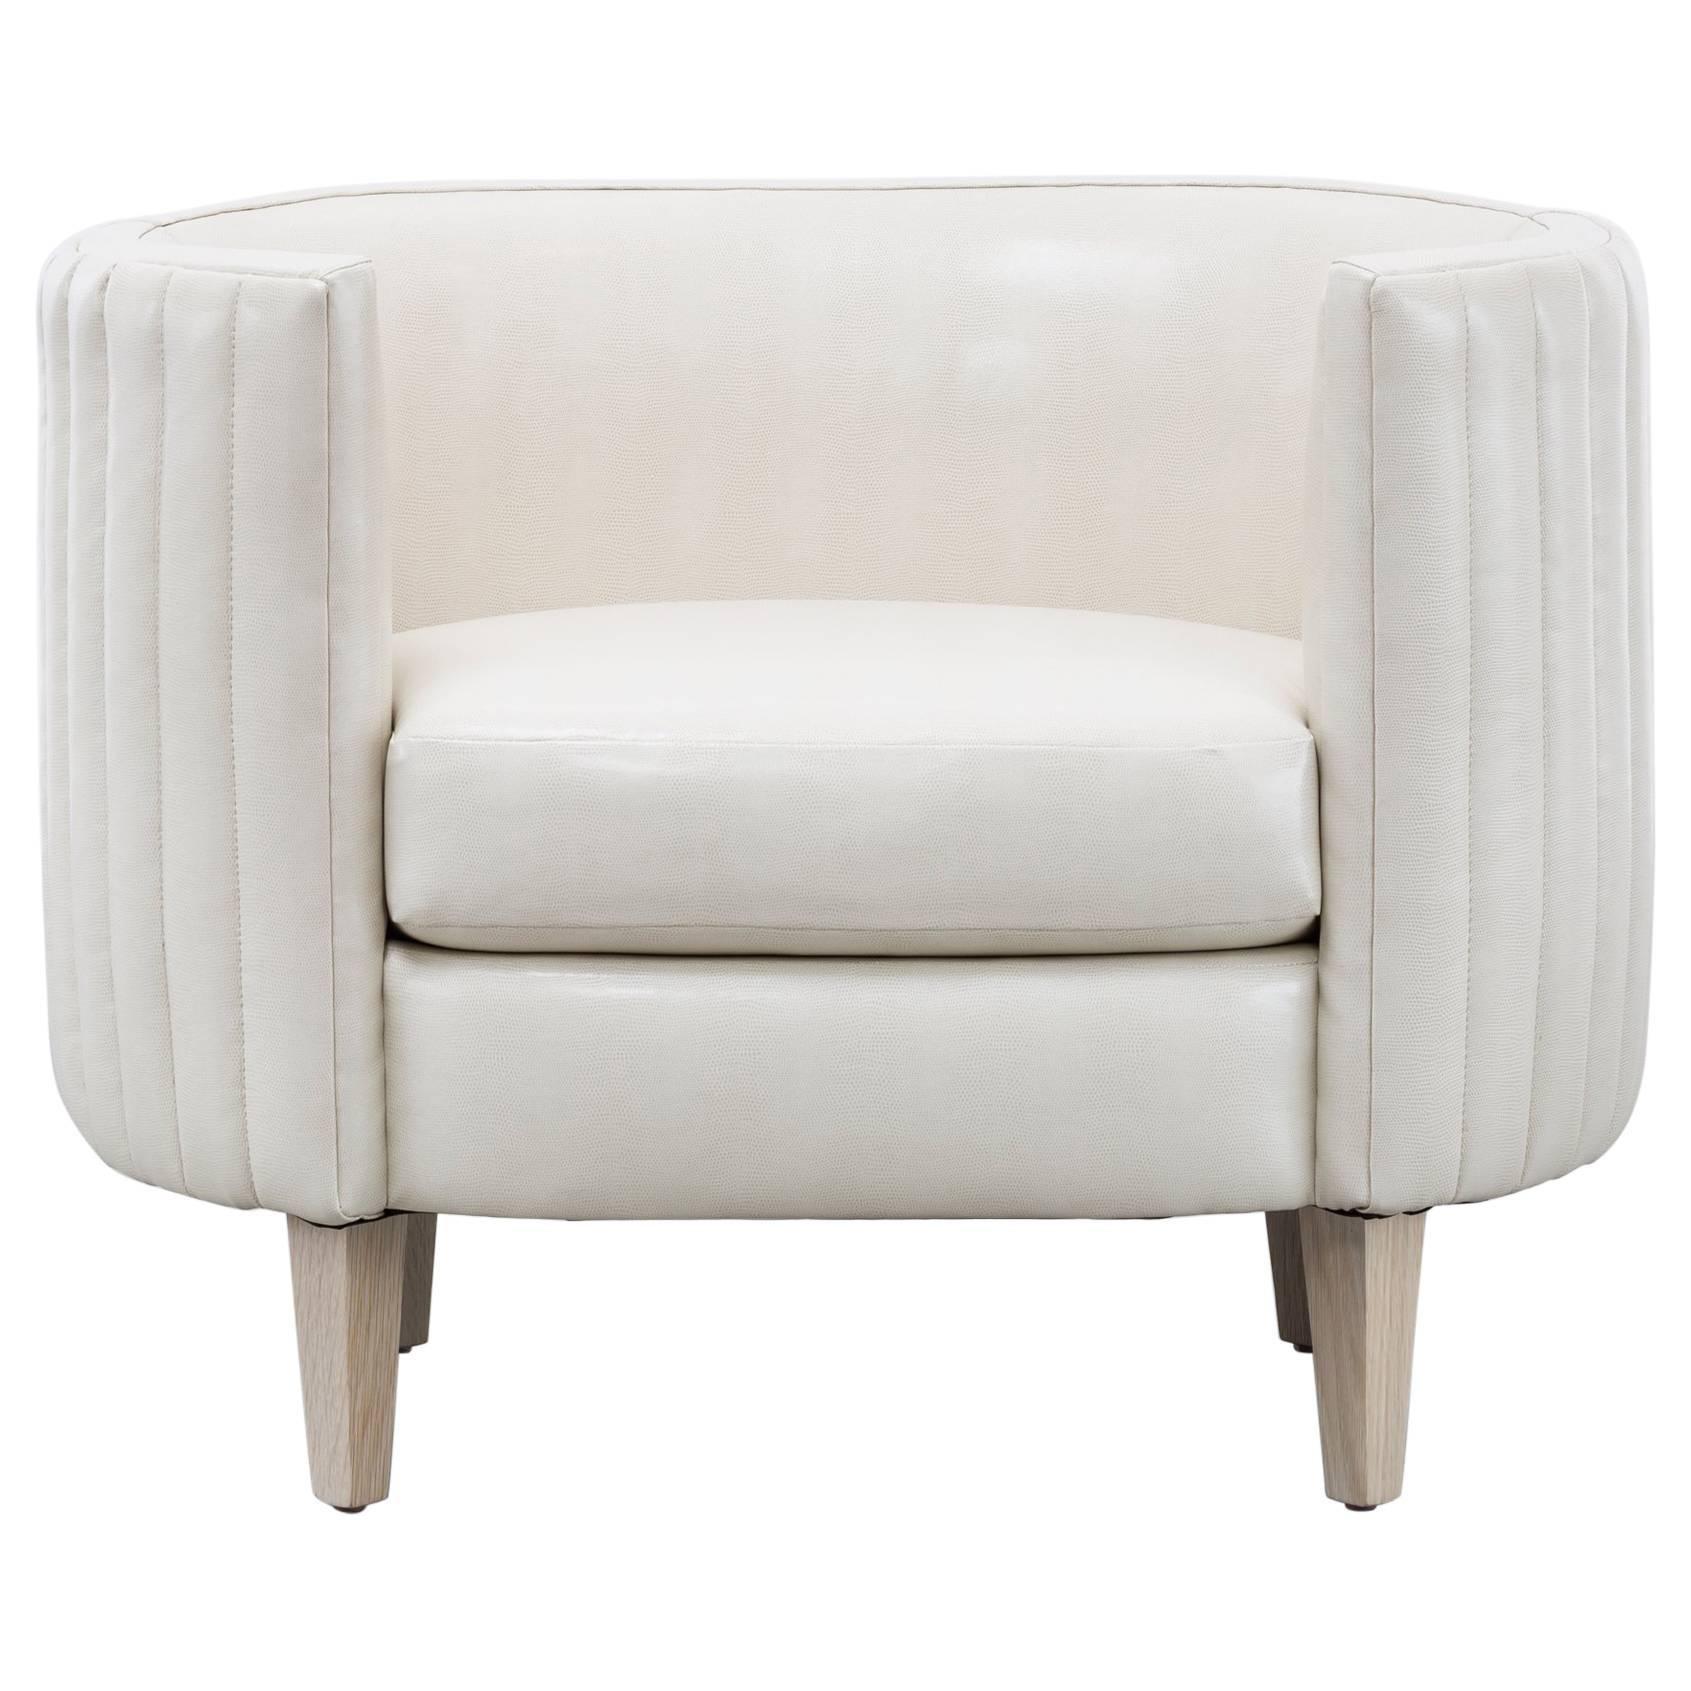 Clarisse Chair